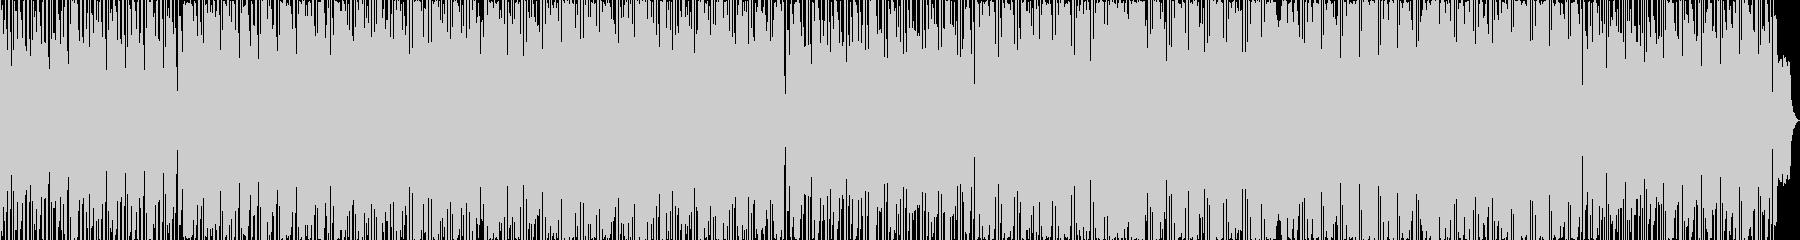 スカッとする明るく楽しいフュージョンの未再生の波形